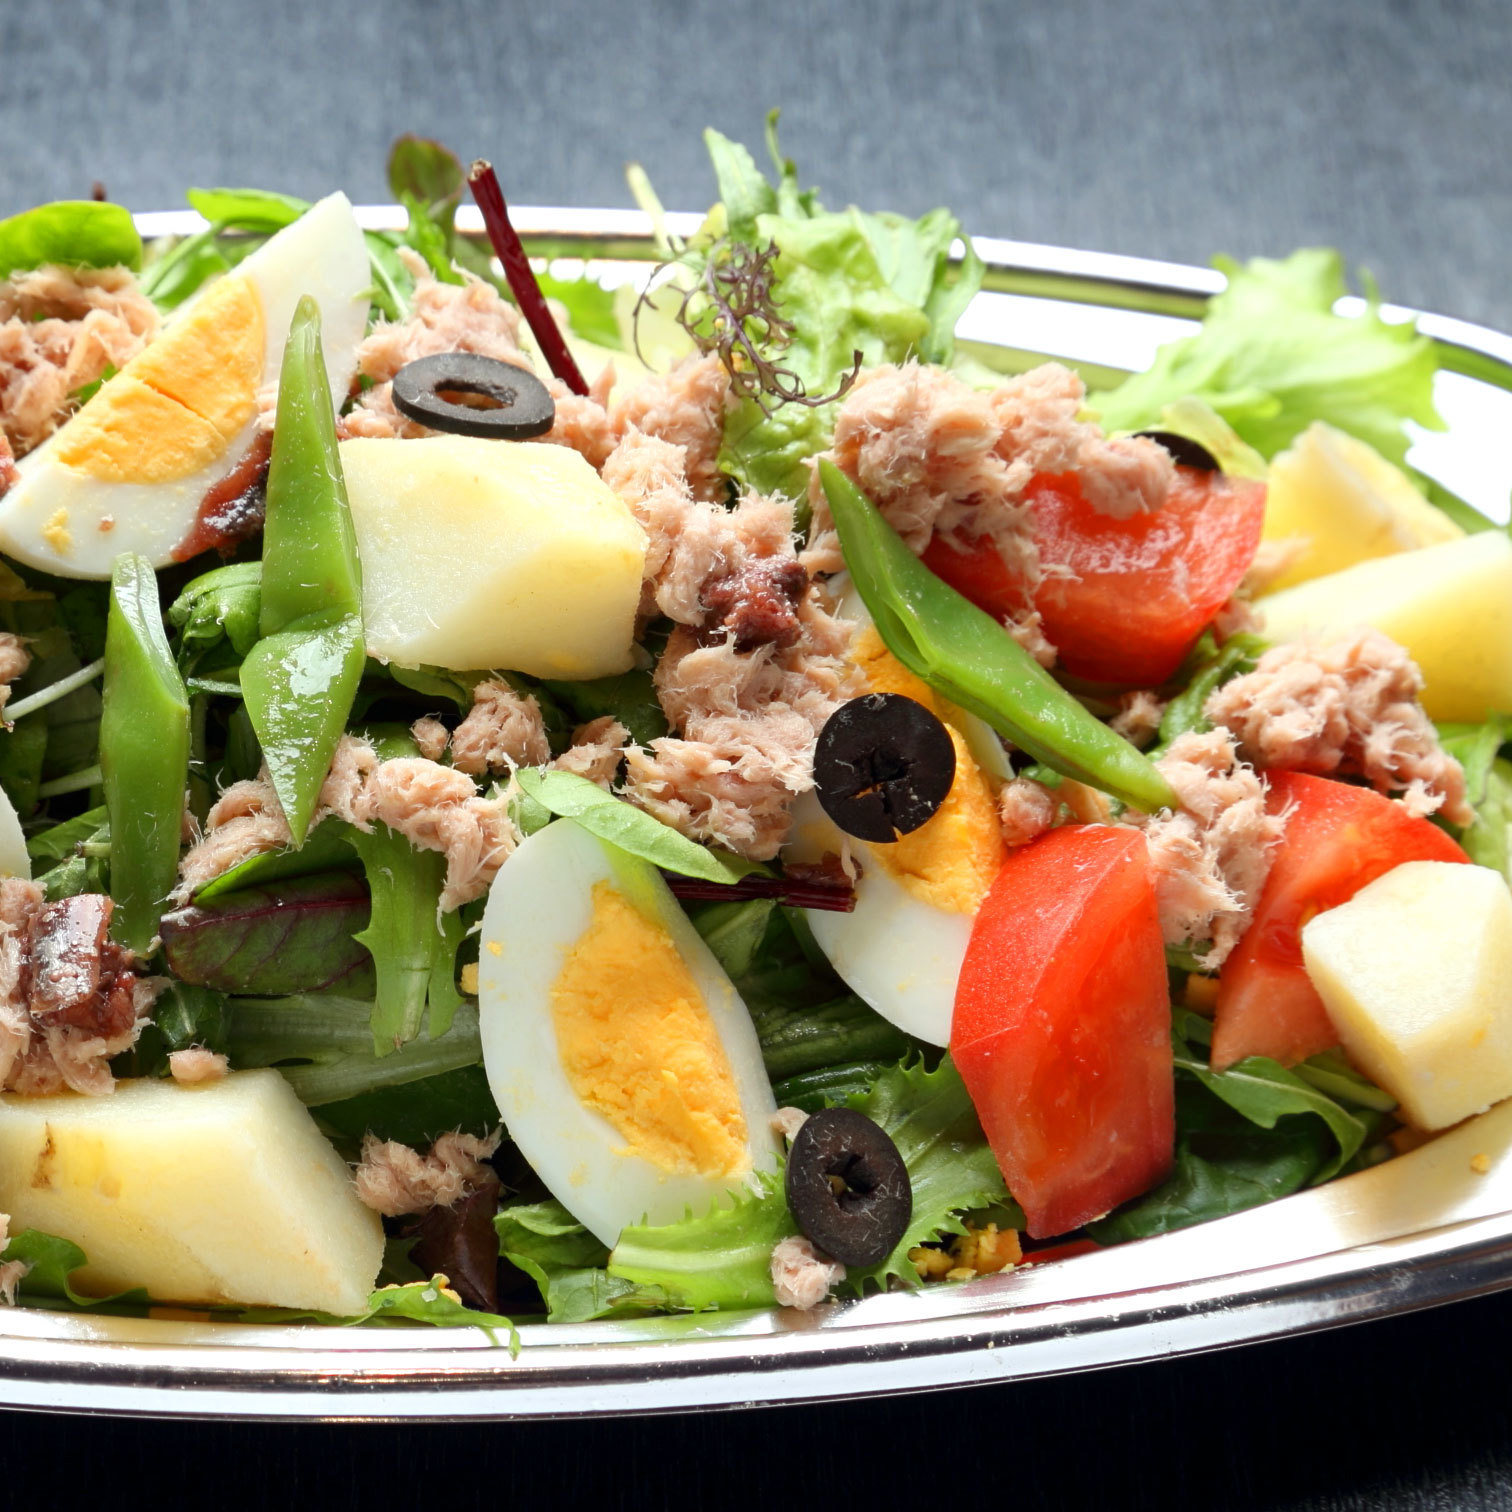 アンチョビとニンニク香る ニース風サラダ